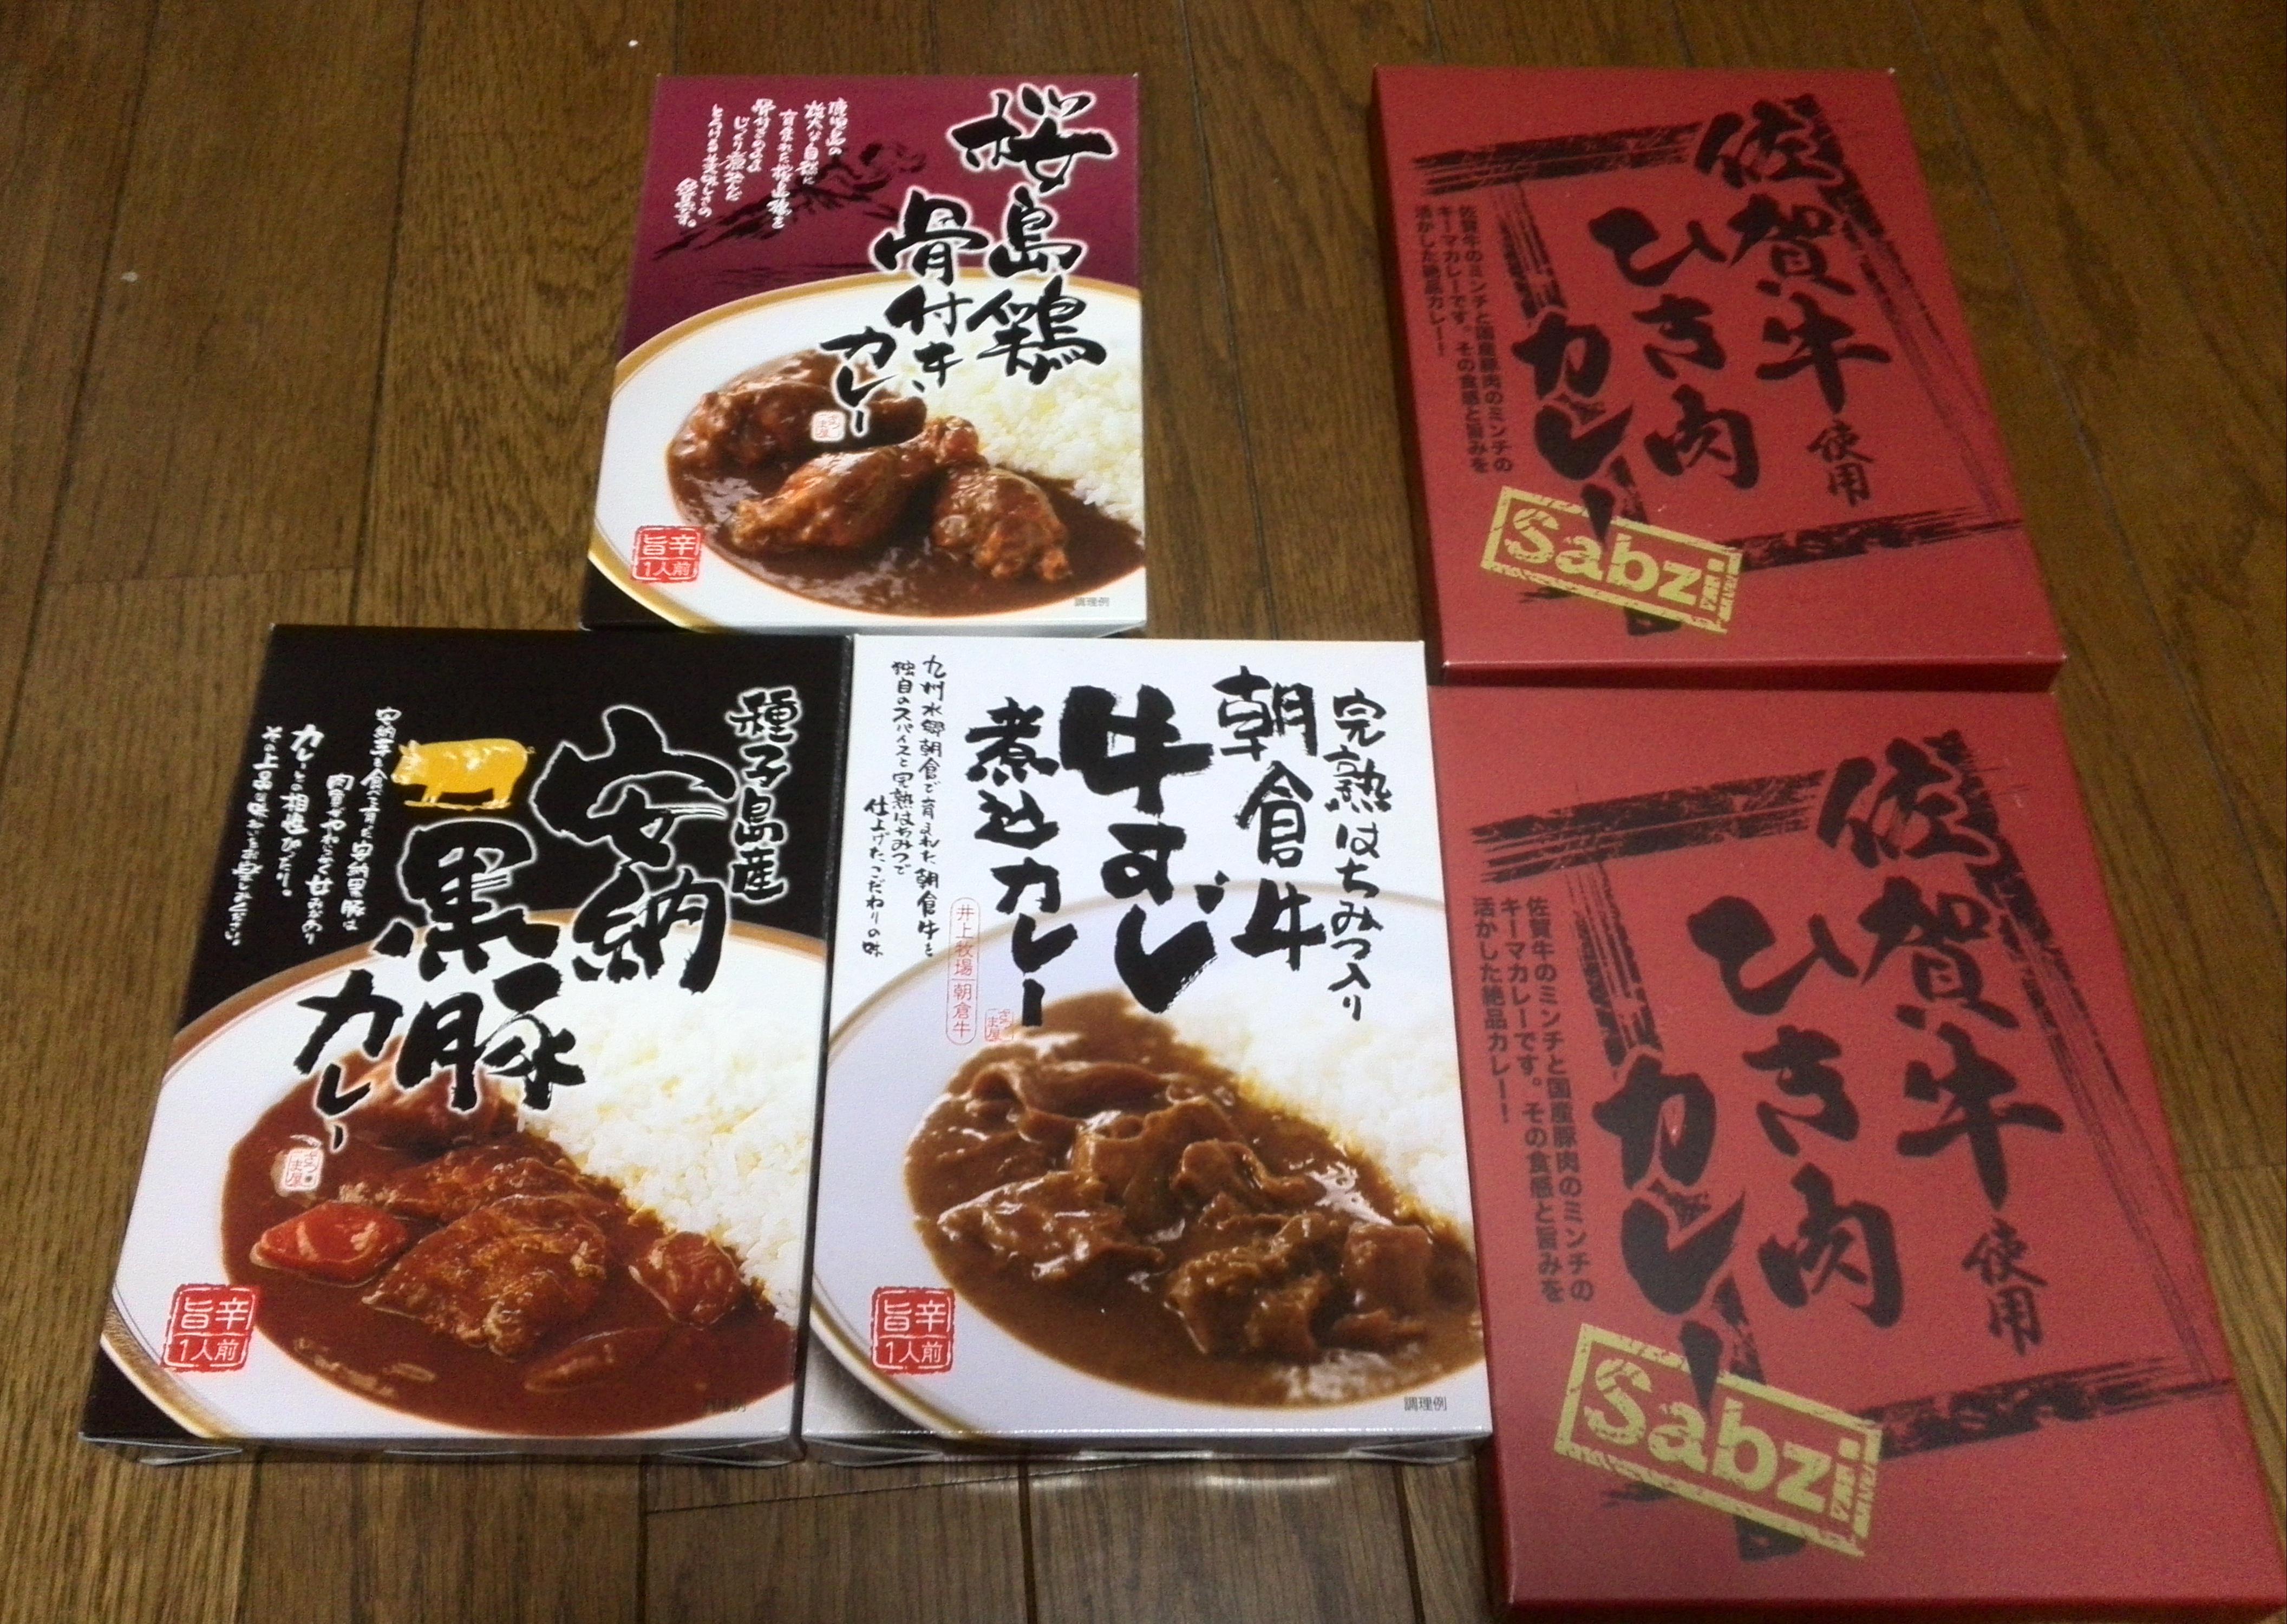 岡山和牛丼 ・岡山味豚丼 ・岡山和牛カレー